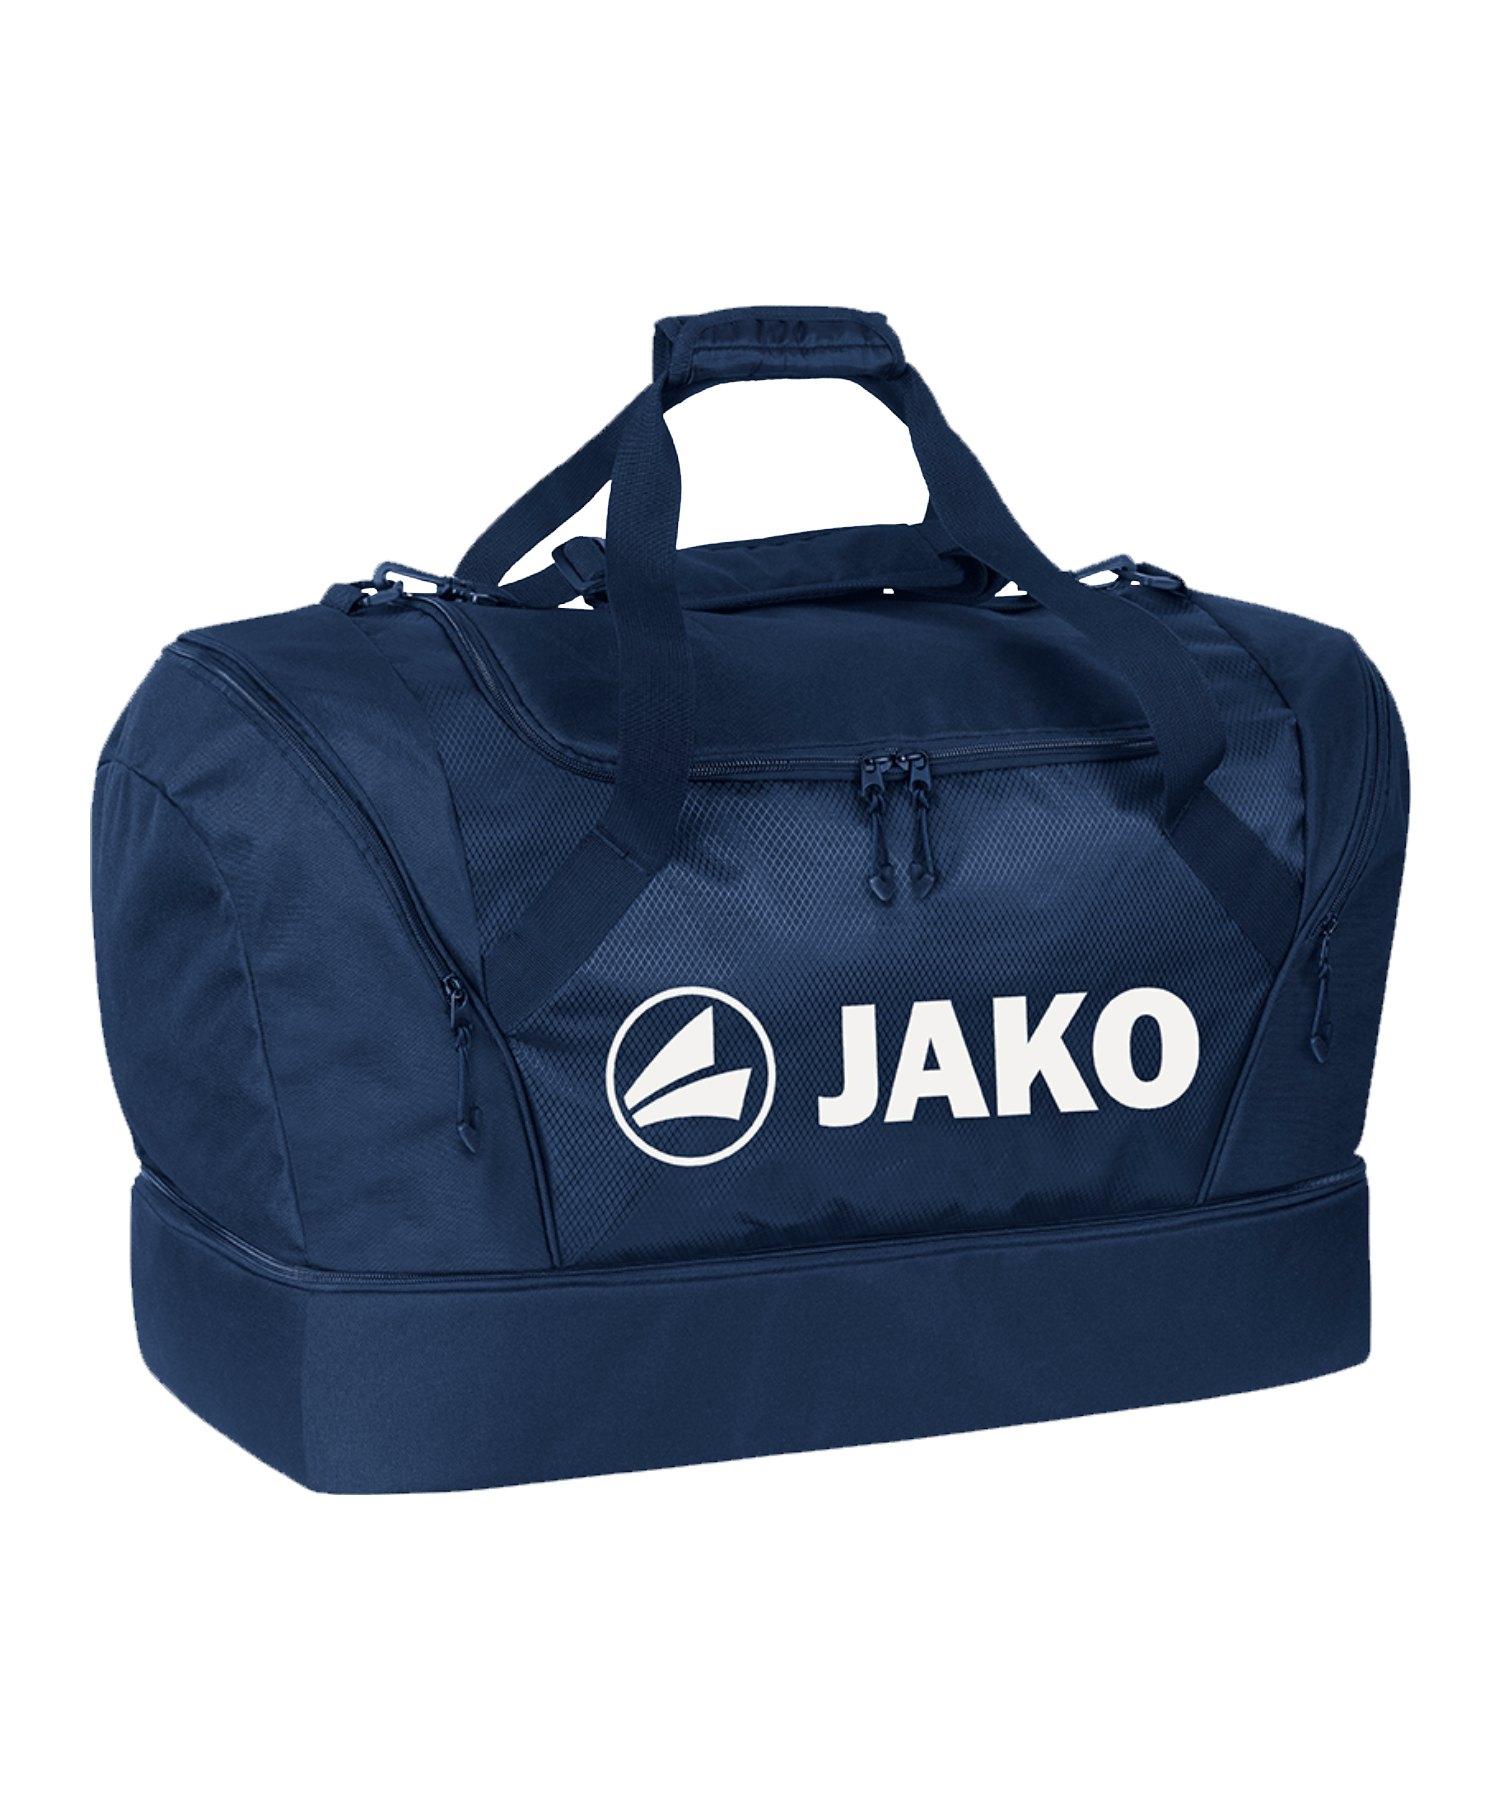 JAKO Sporttasche mit Bodenfach Junior Blau F09 - blau